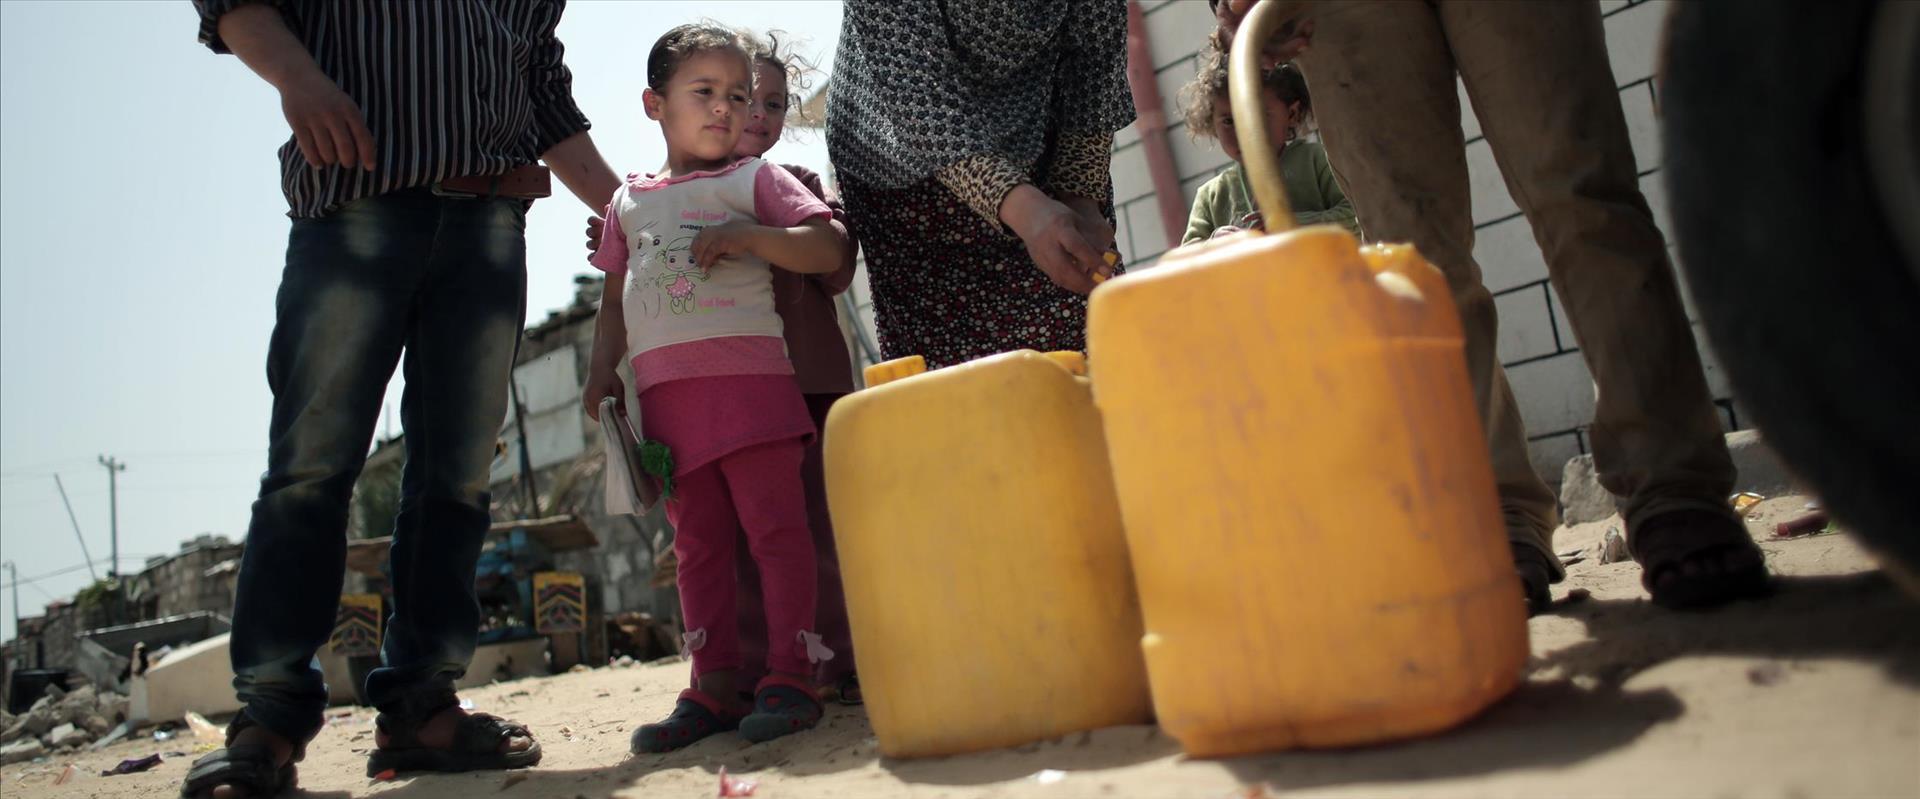 פלסטינים בעזה ממלאים בקבוקי מים